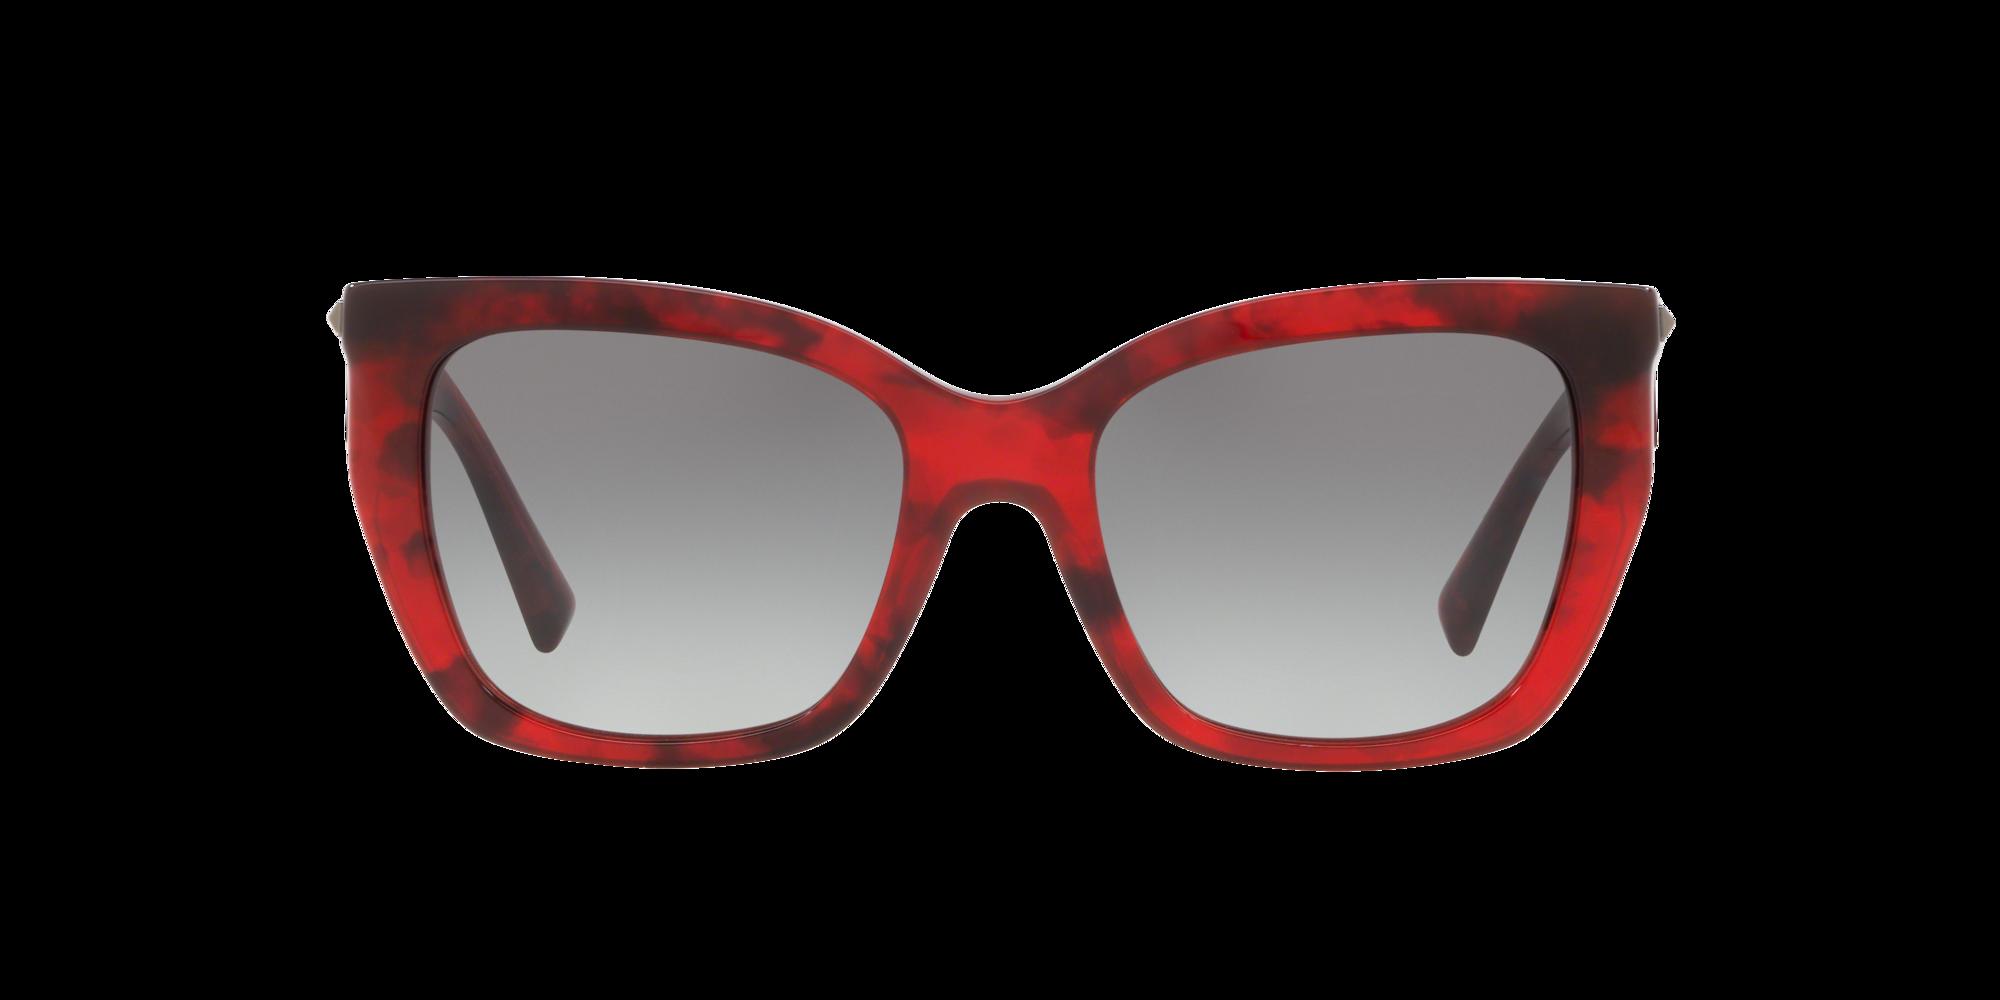 Imagen para VA4048 53 de LensCrafters |  Espejuelos, espejuelos graduados en línea, gafas